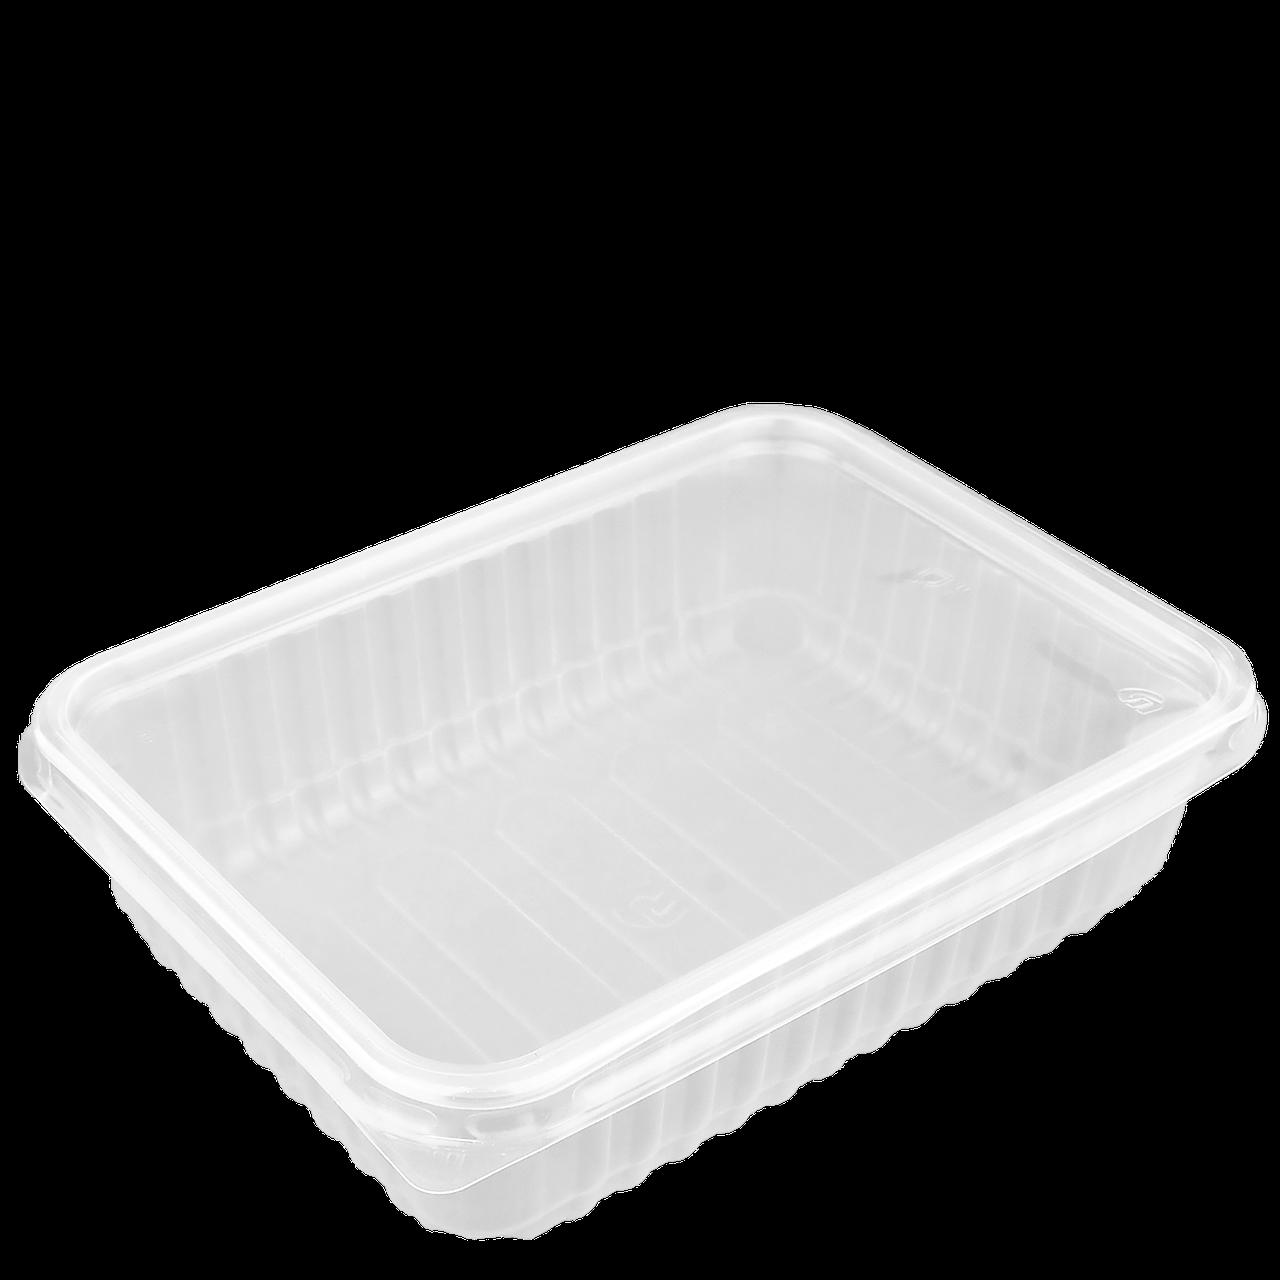 Комплект контейнер прямоугол,прозрачный ПП 179-500П,179*132*37,500мл;уп/50шт